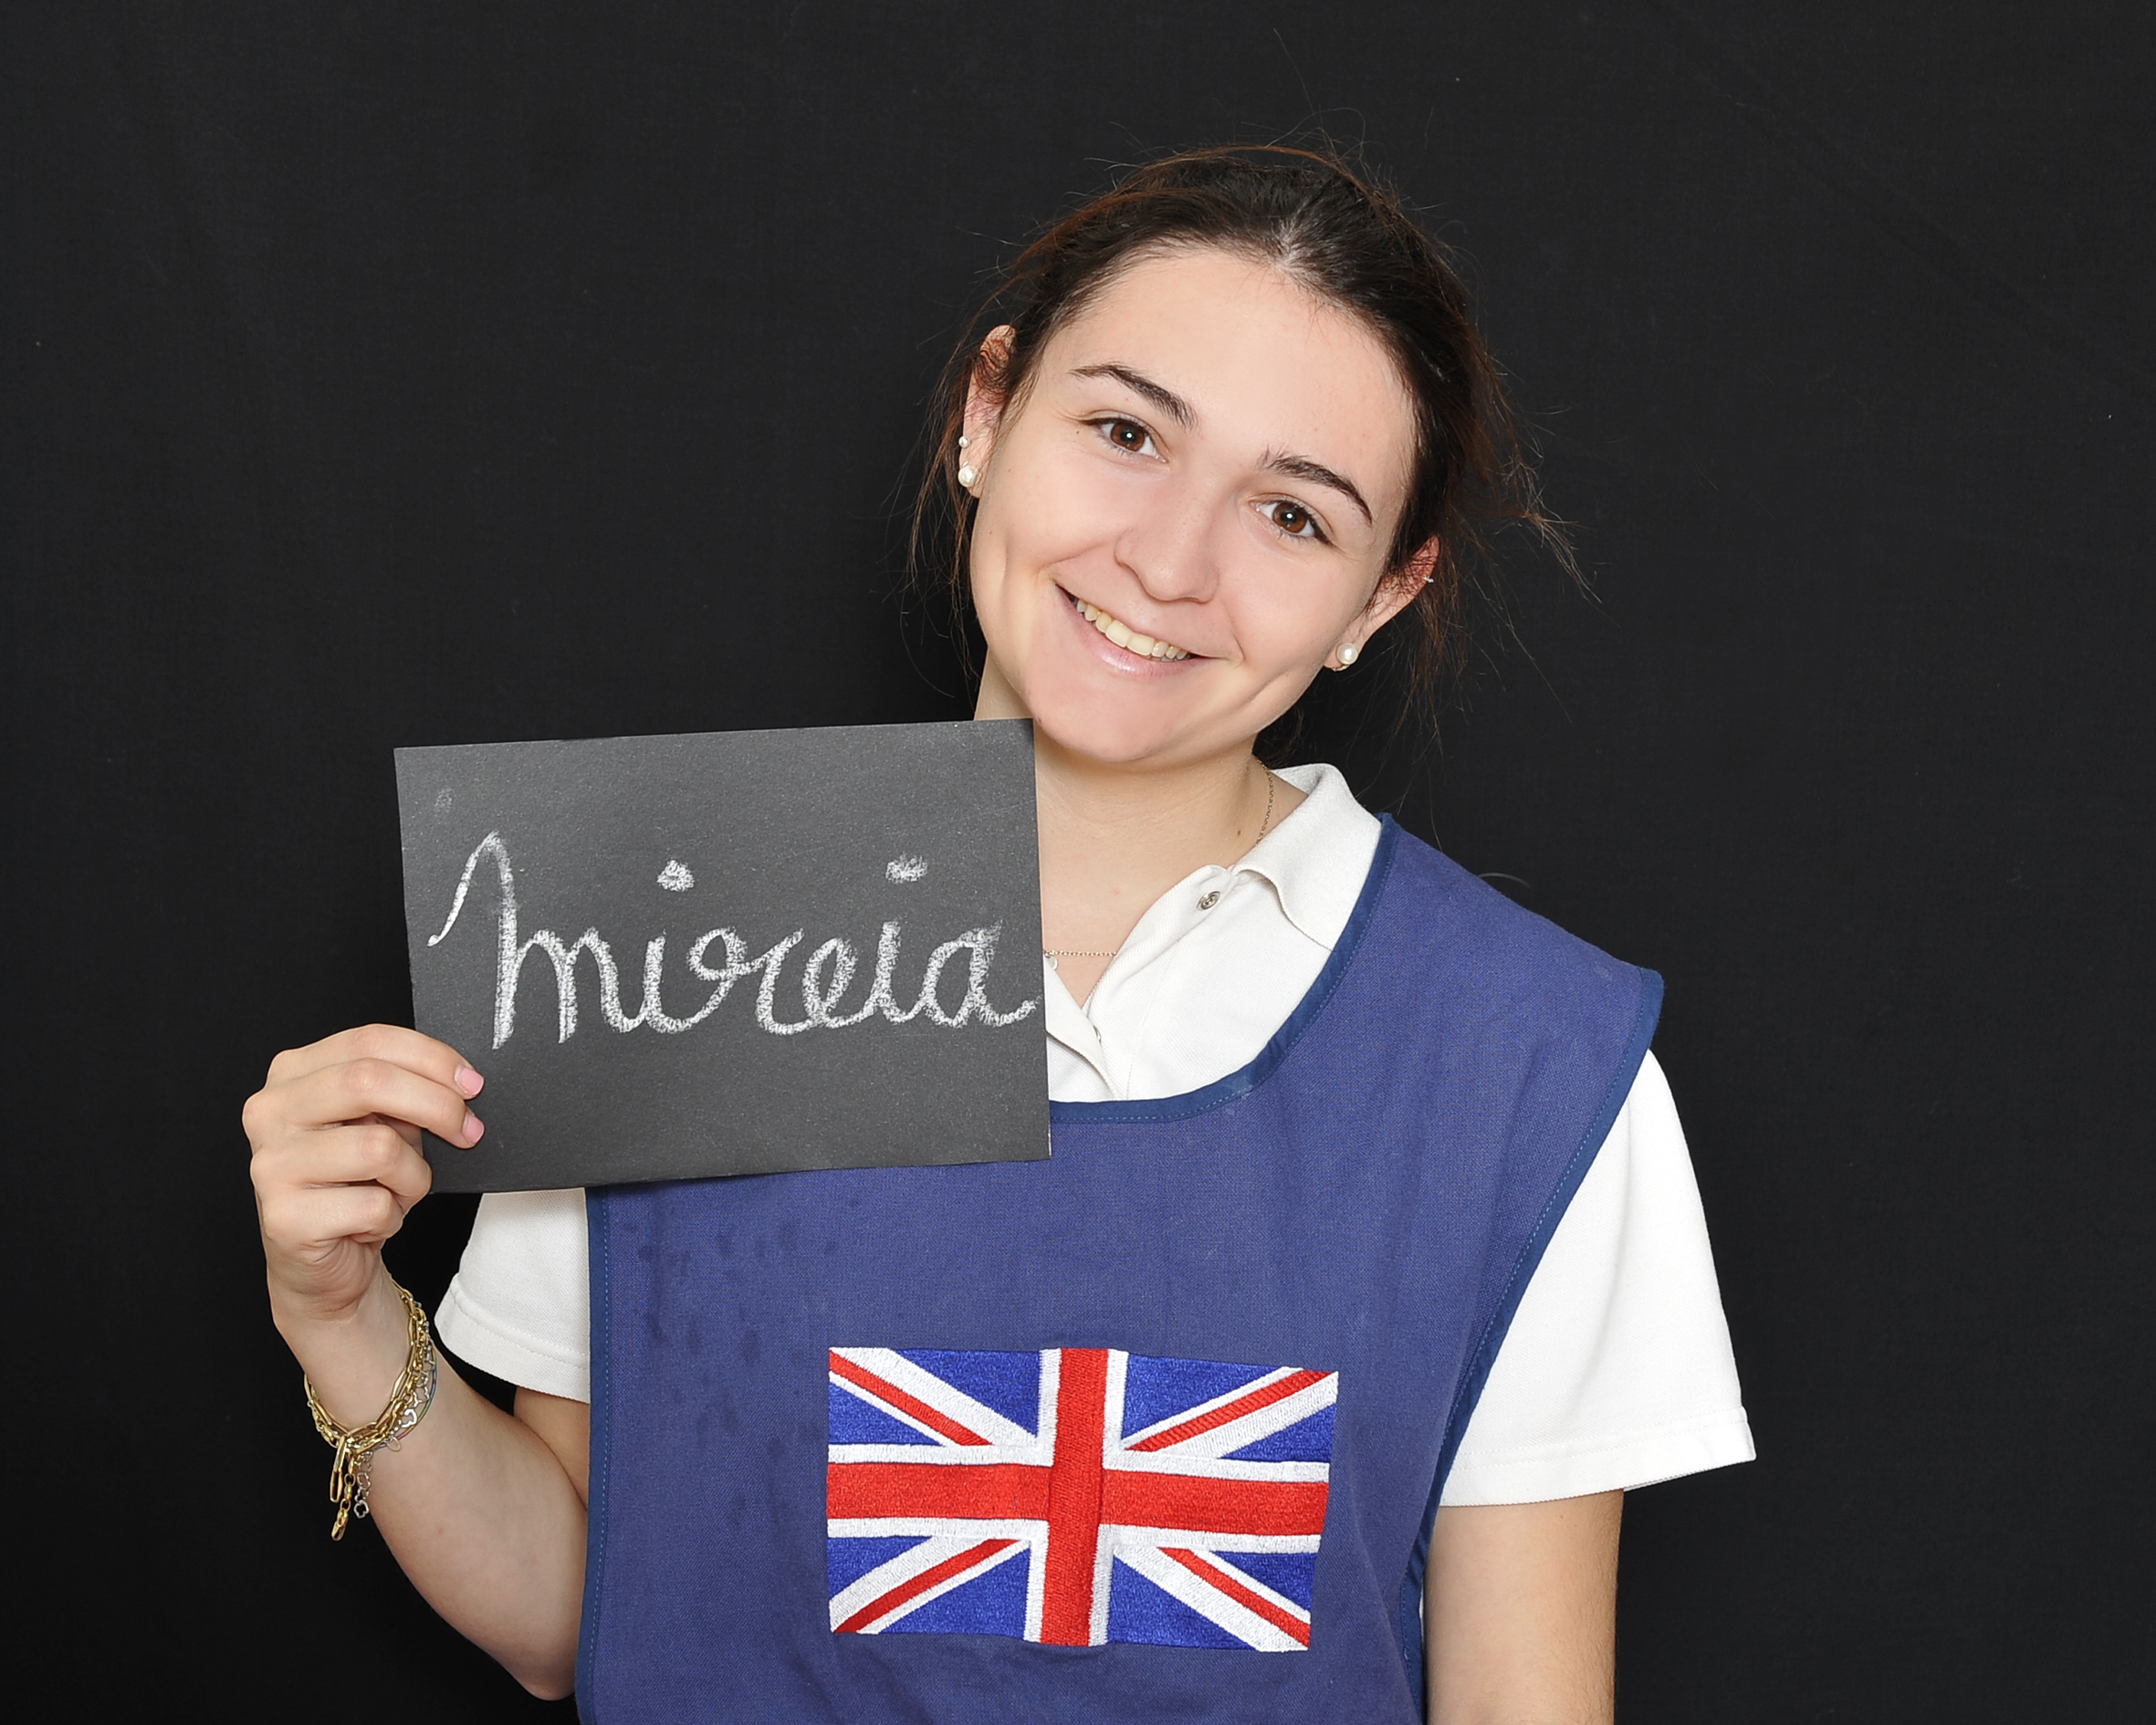 Miss Mireia